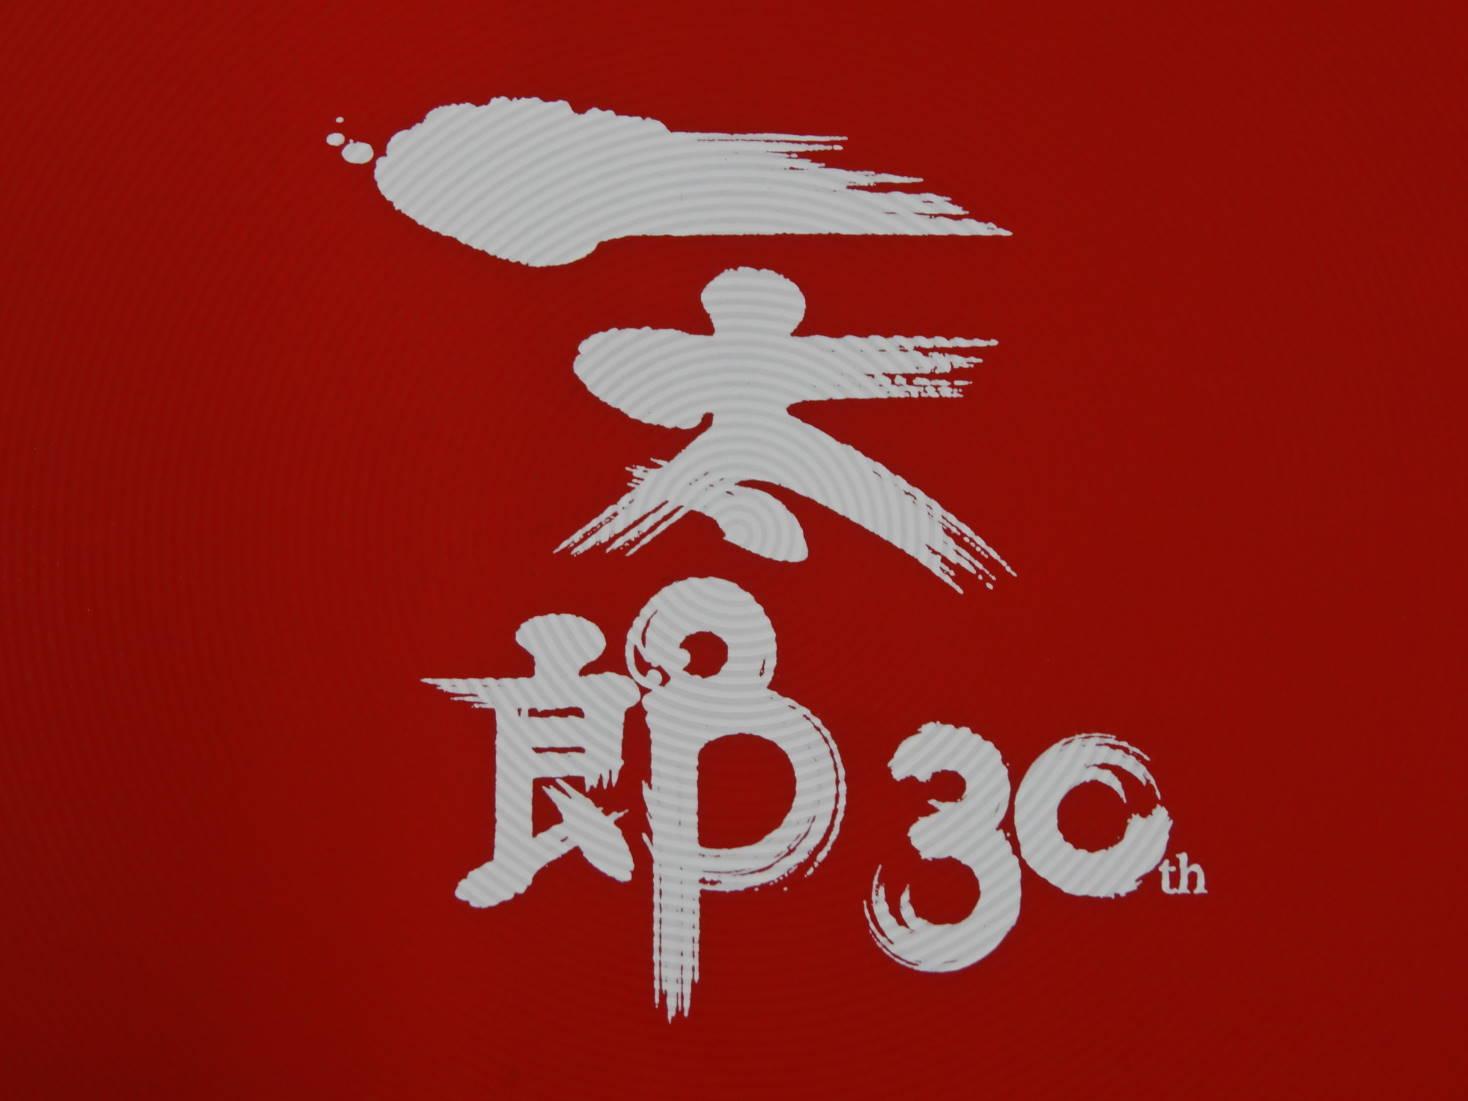 一太郎30周年記念 Windows Tablet Limited Edition 一太郎ロゴ